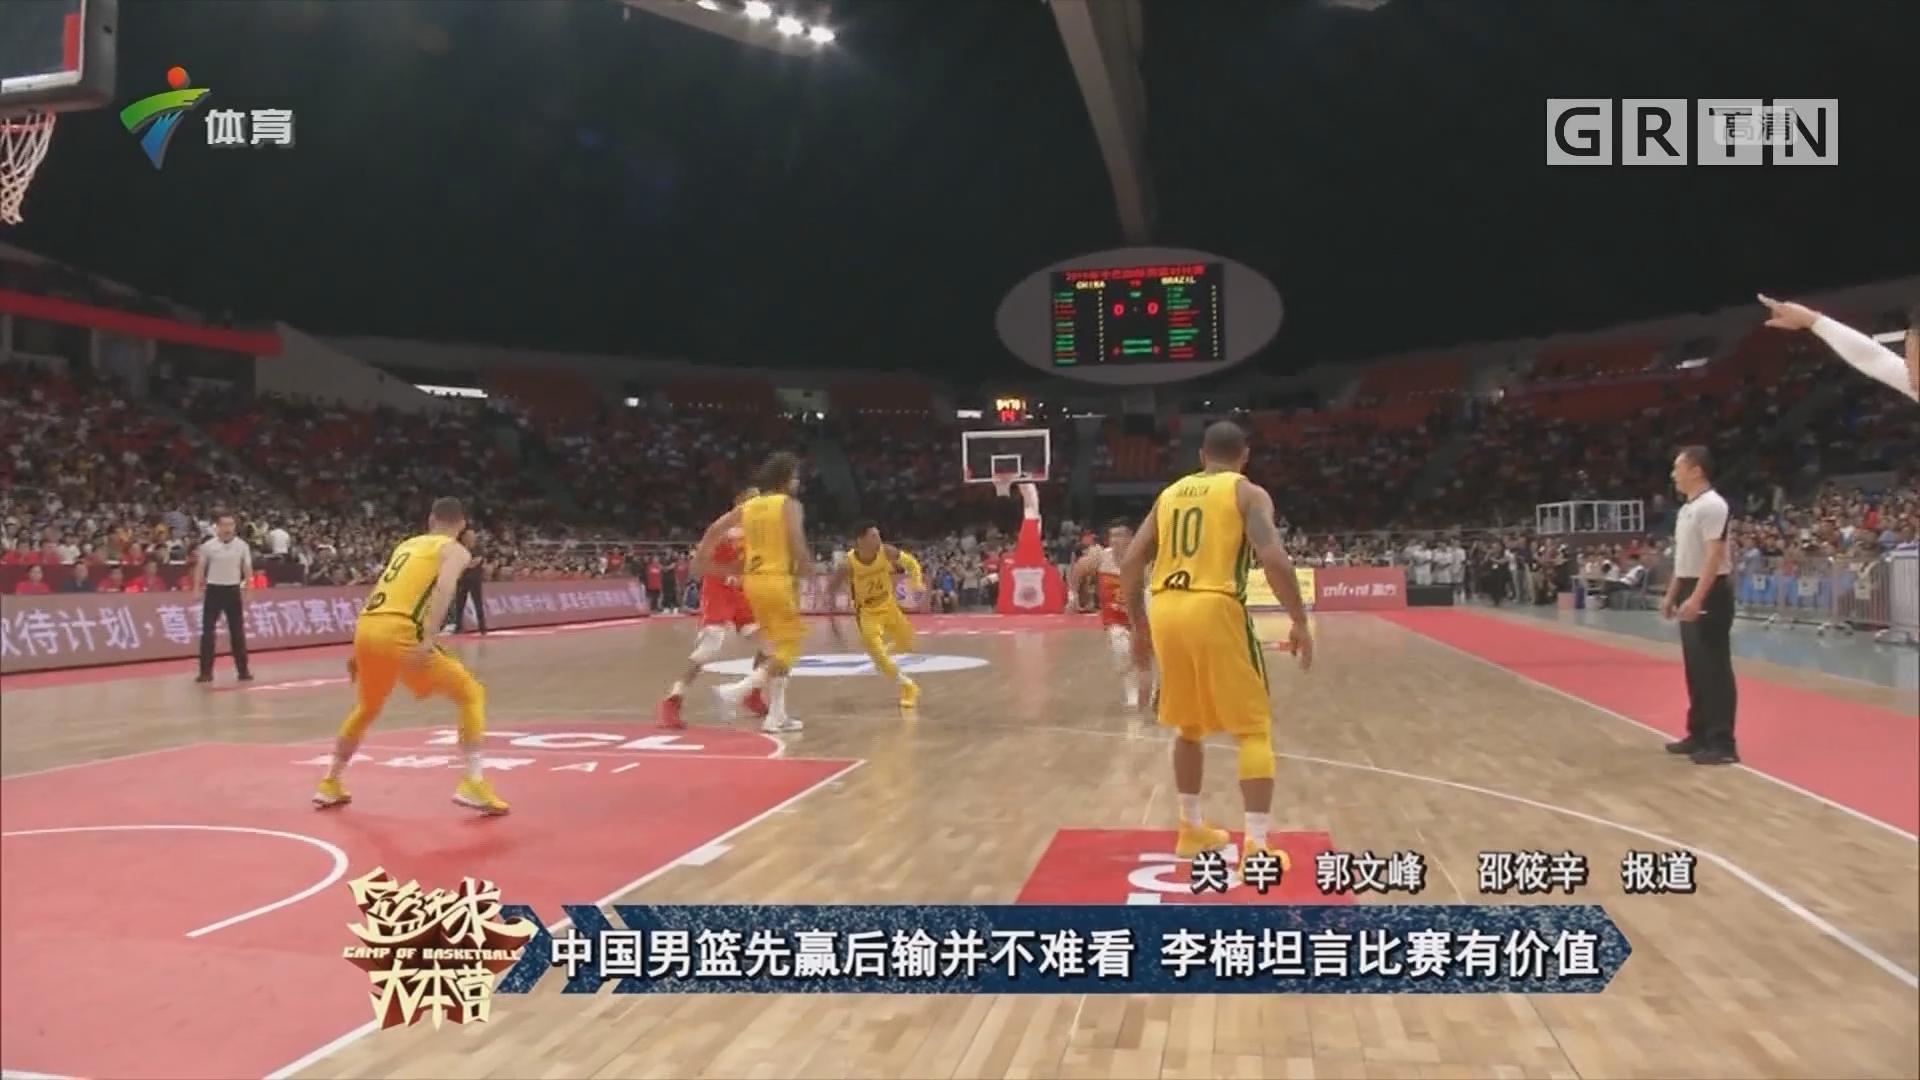 中国男篮先赢后输并不难看 李楠坦言比赛有价值